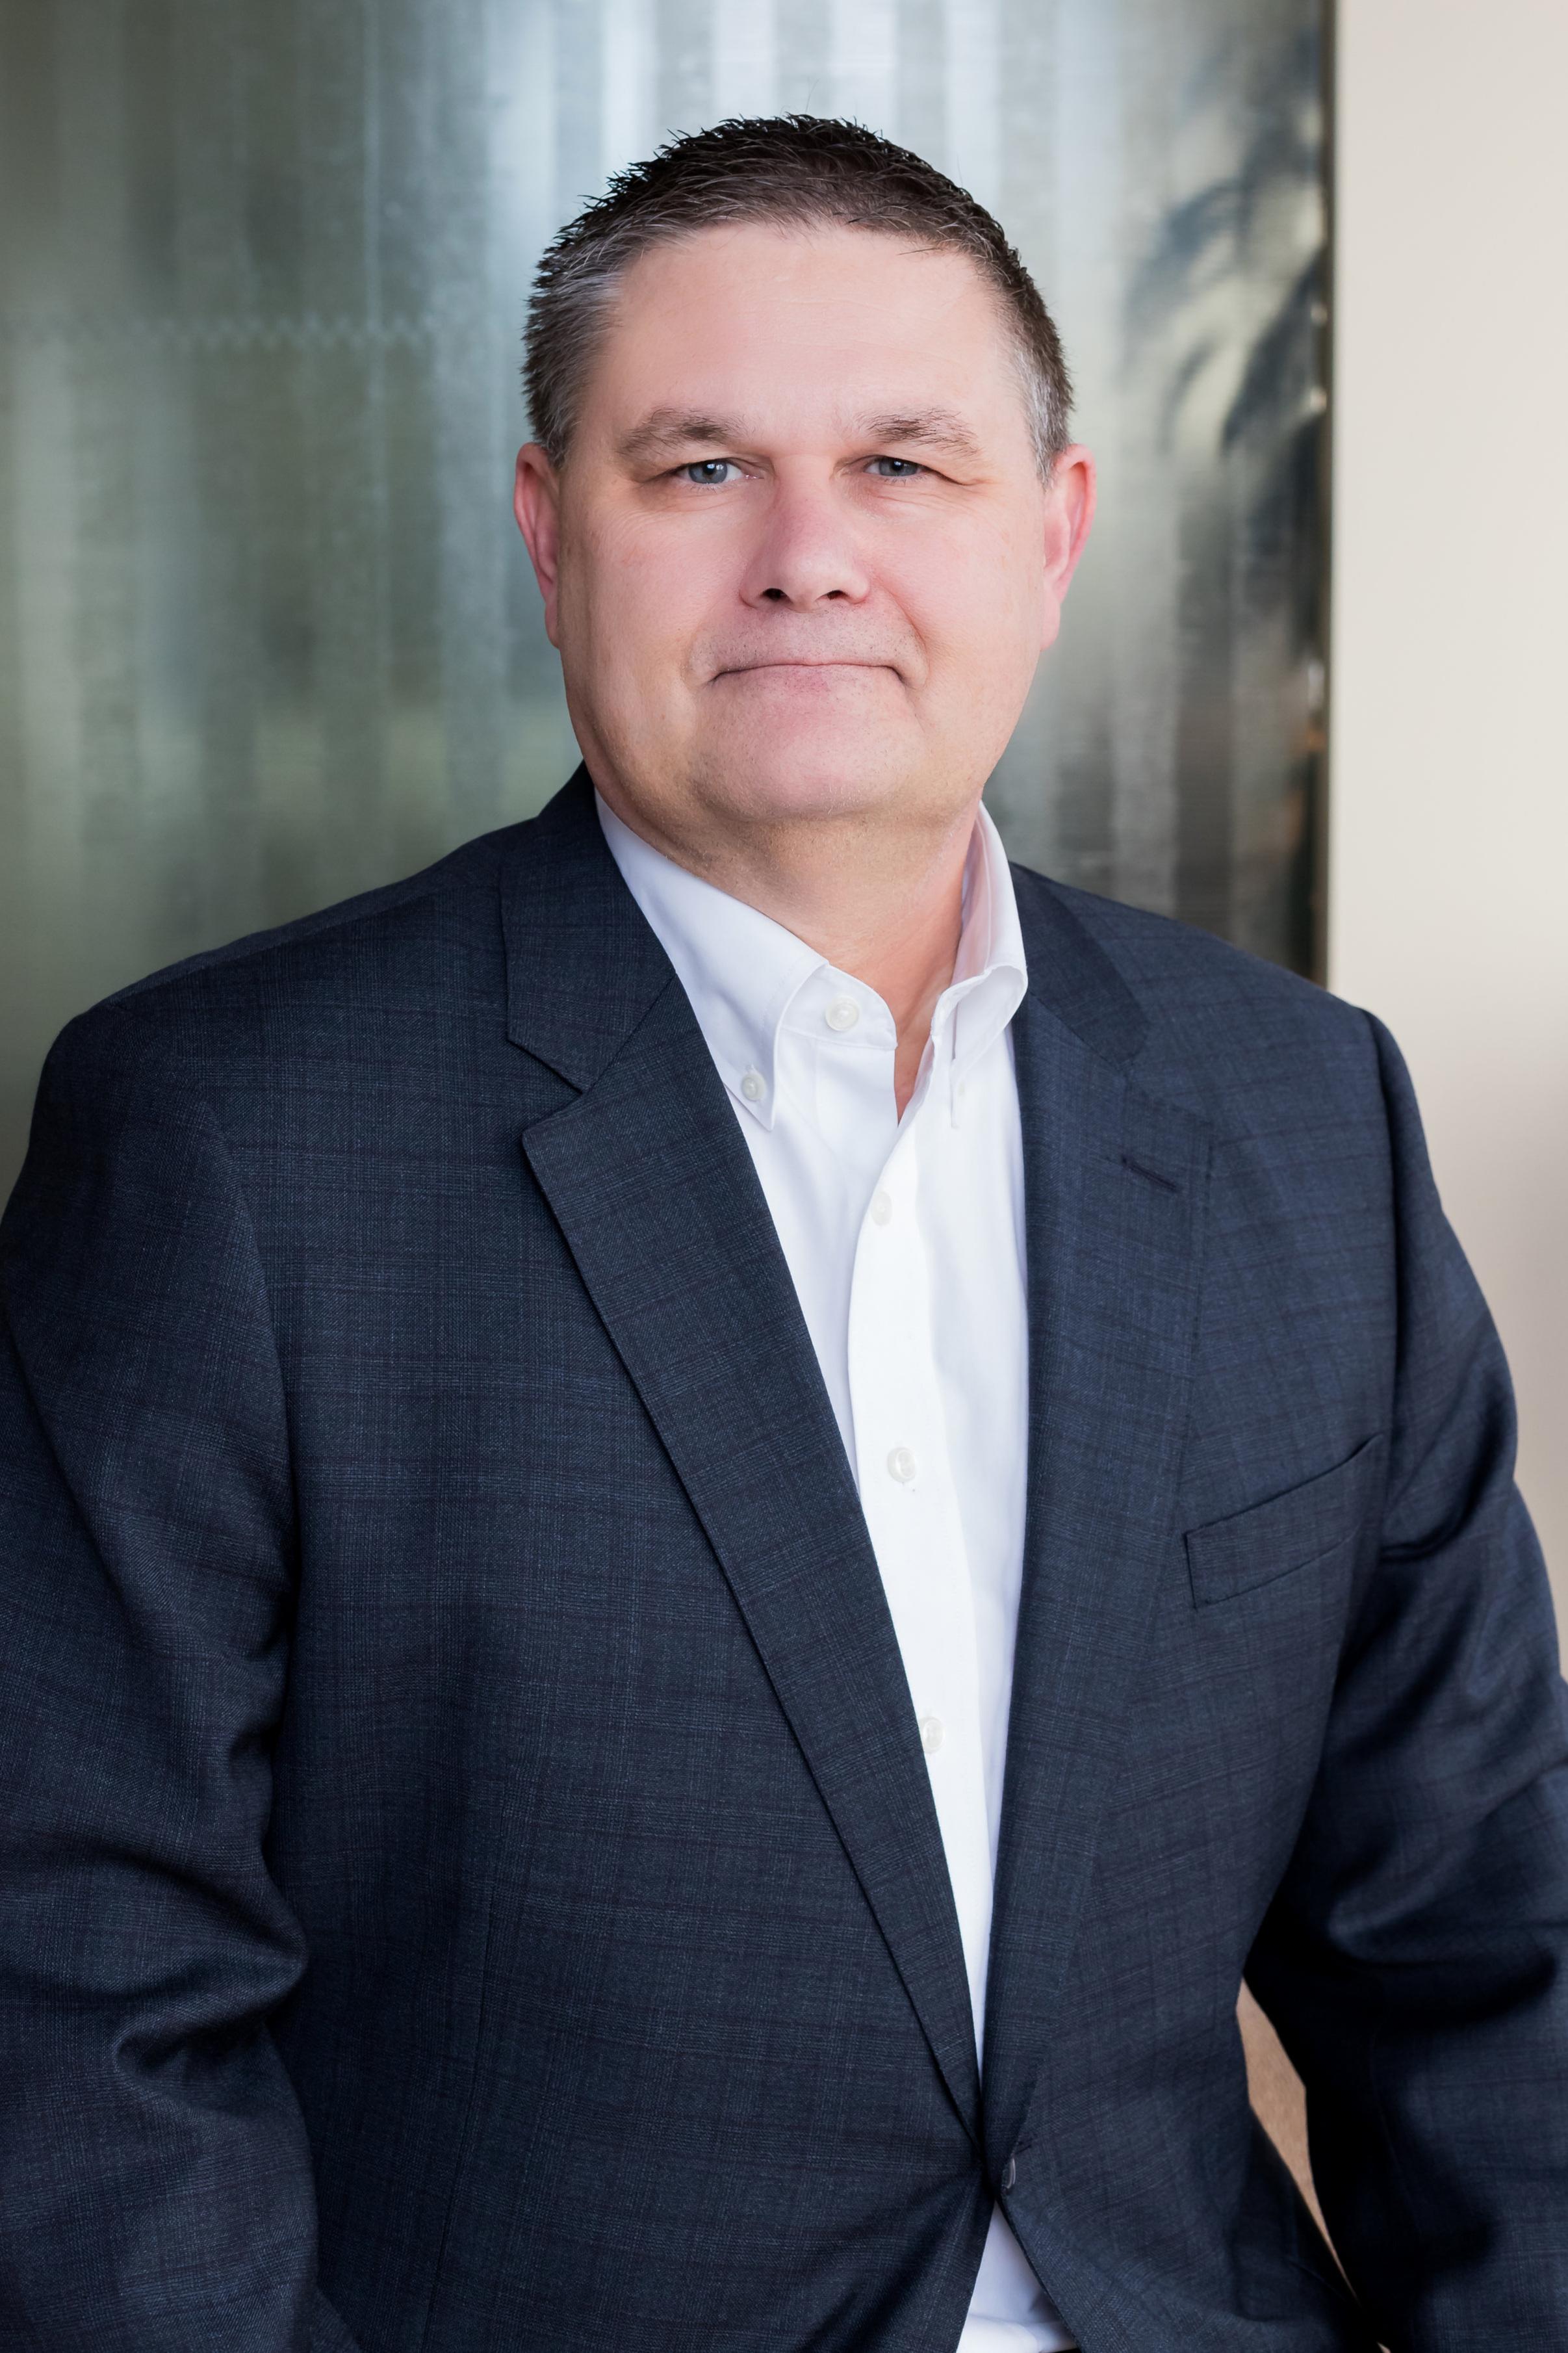 Philip B. Janney - Shareholder